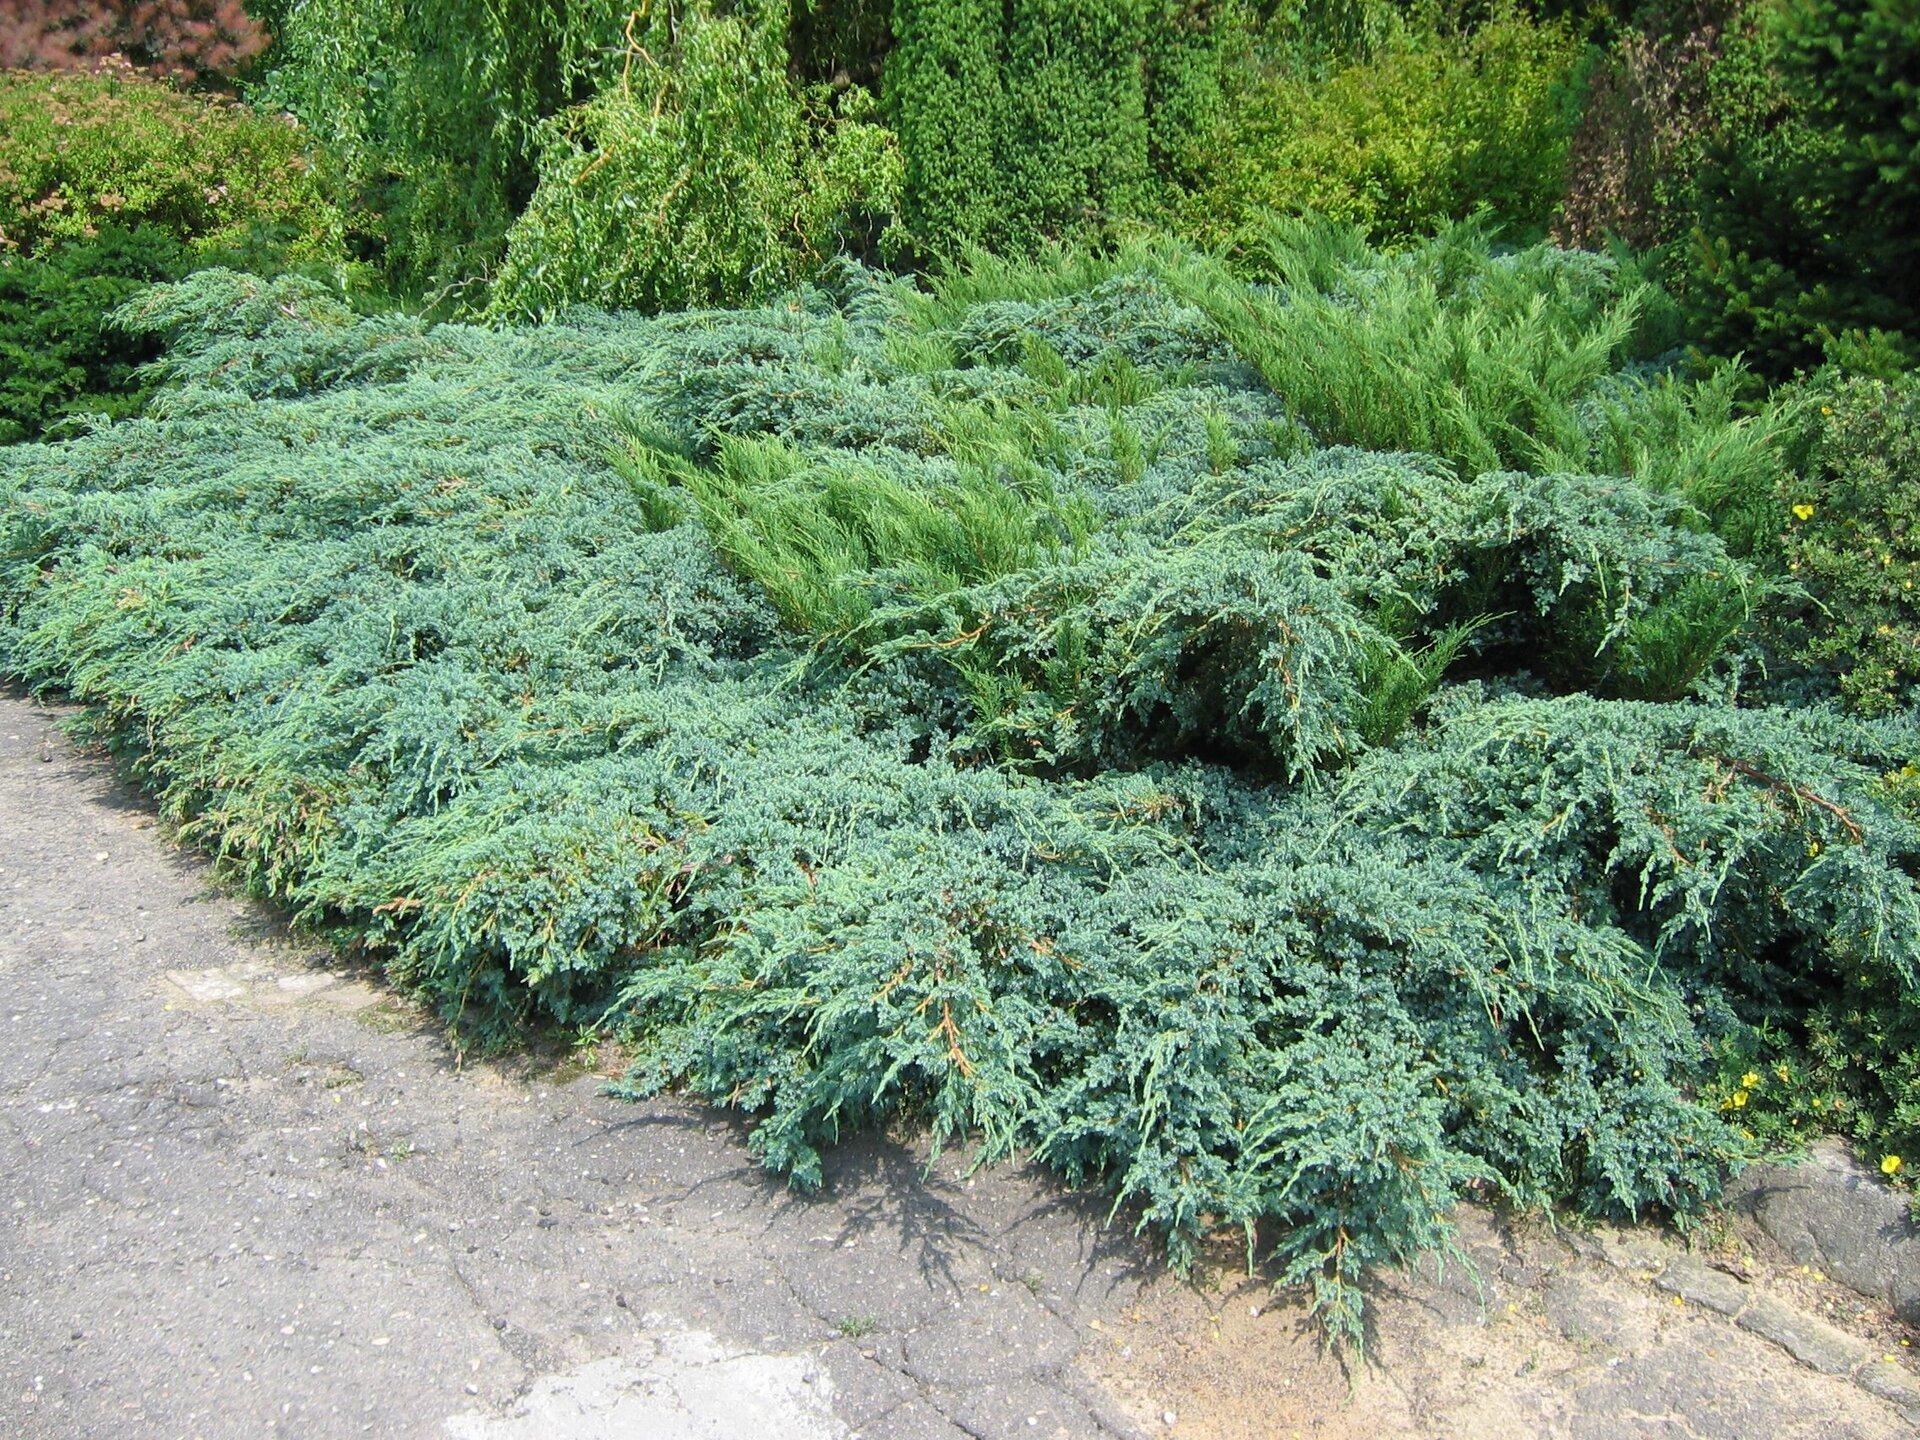 Fotografia przedstawia niebieskozielone kępy jałowca odmiany płożącej wskalnym ogrodzie. Jego pędy rosną poziomo, blisko ziemi. Za jałowcami znajdują się inne krzewy idrzewa.